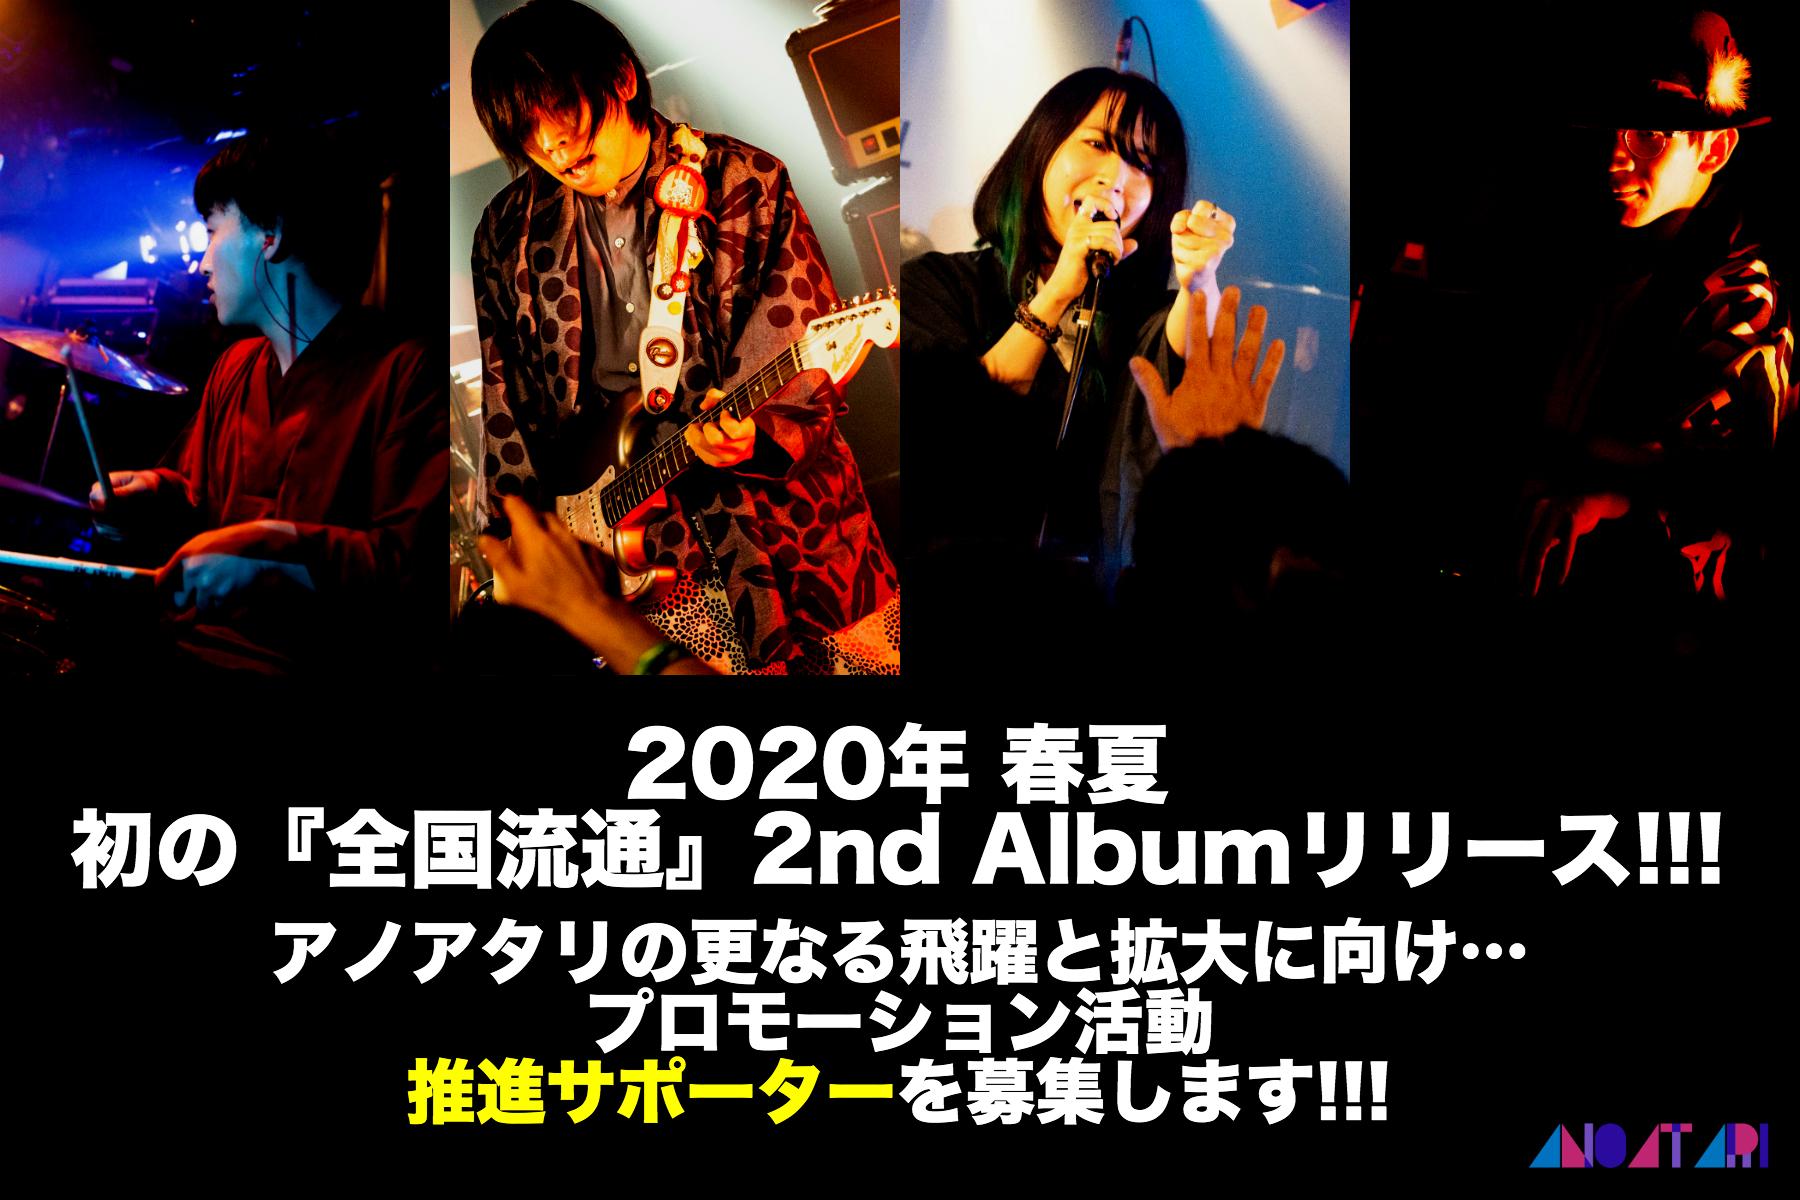 【アノアタリ】初の全国流通盤「フルアルバム」のリリースを一緒に盛り上げてくれるサポーター募集キャンペーン!!